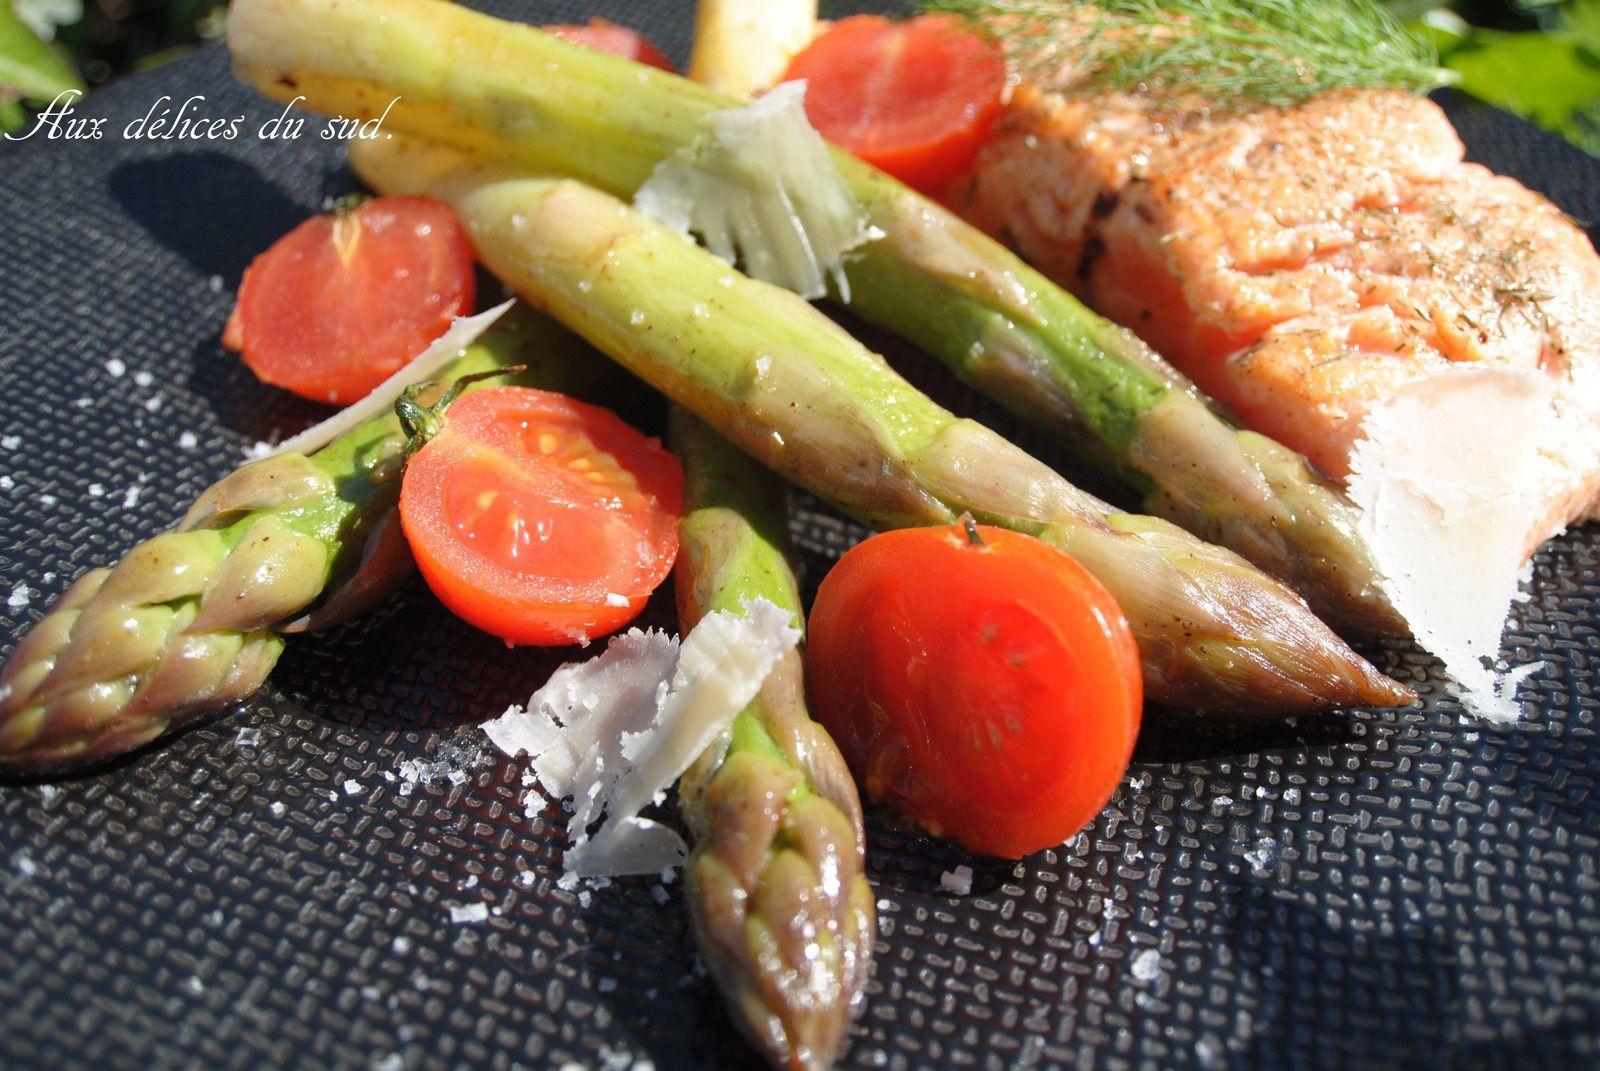 Asperges vertes glacées et saumon frais .